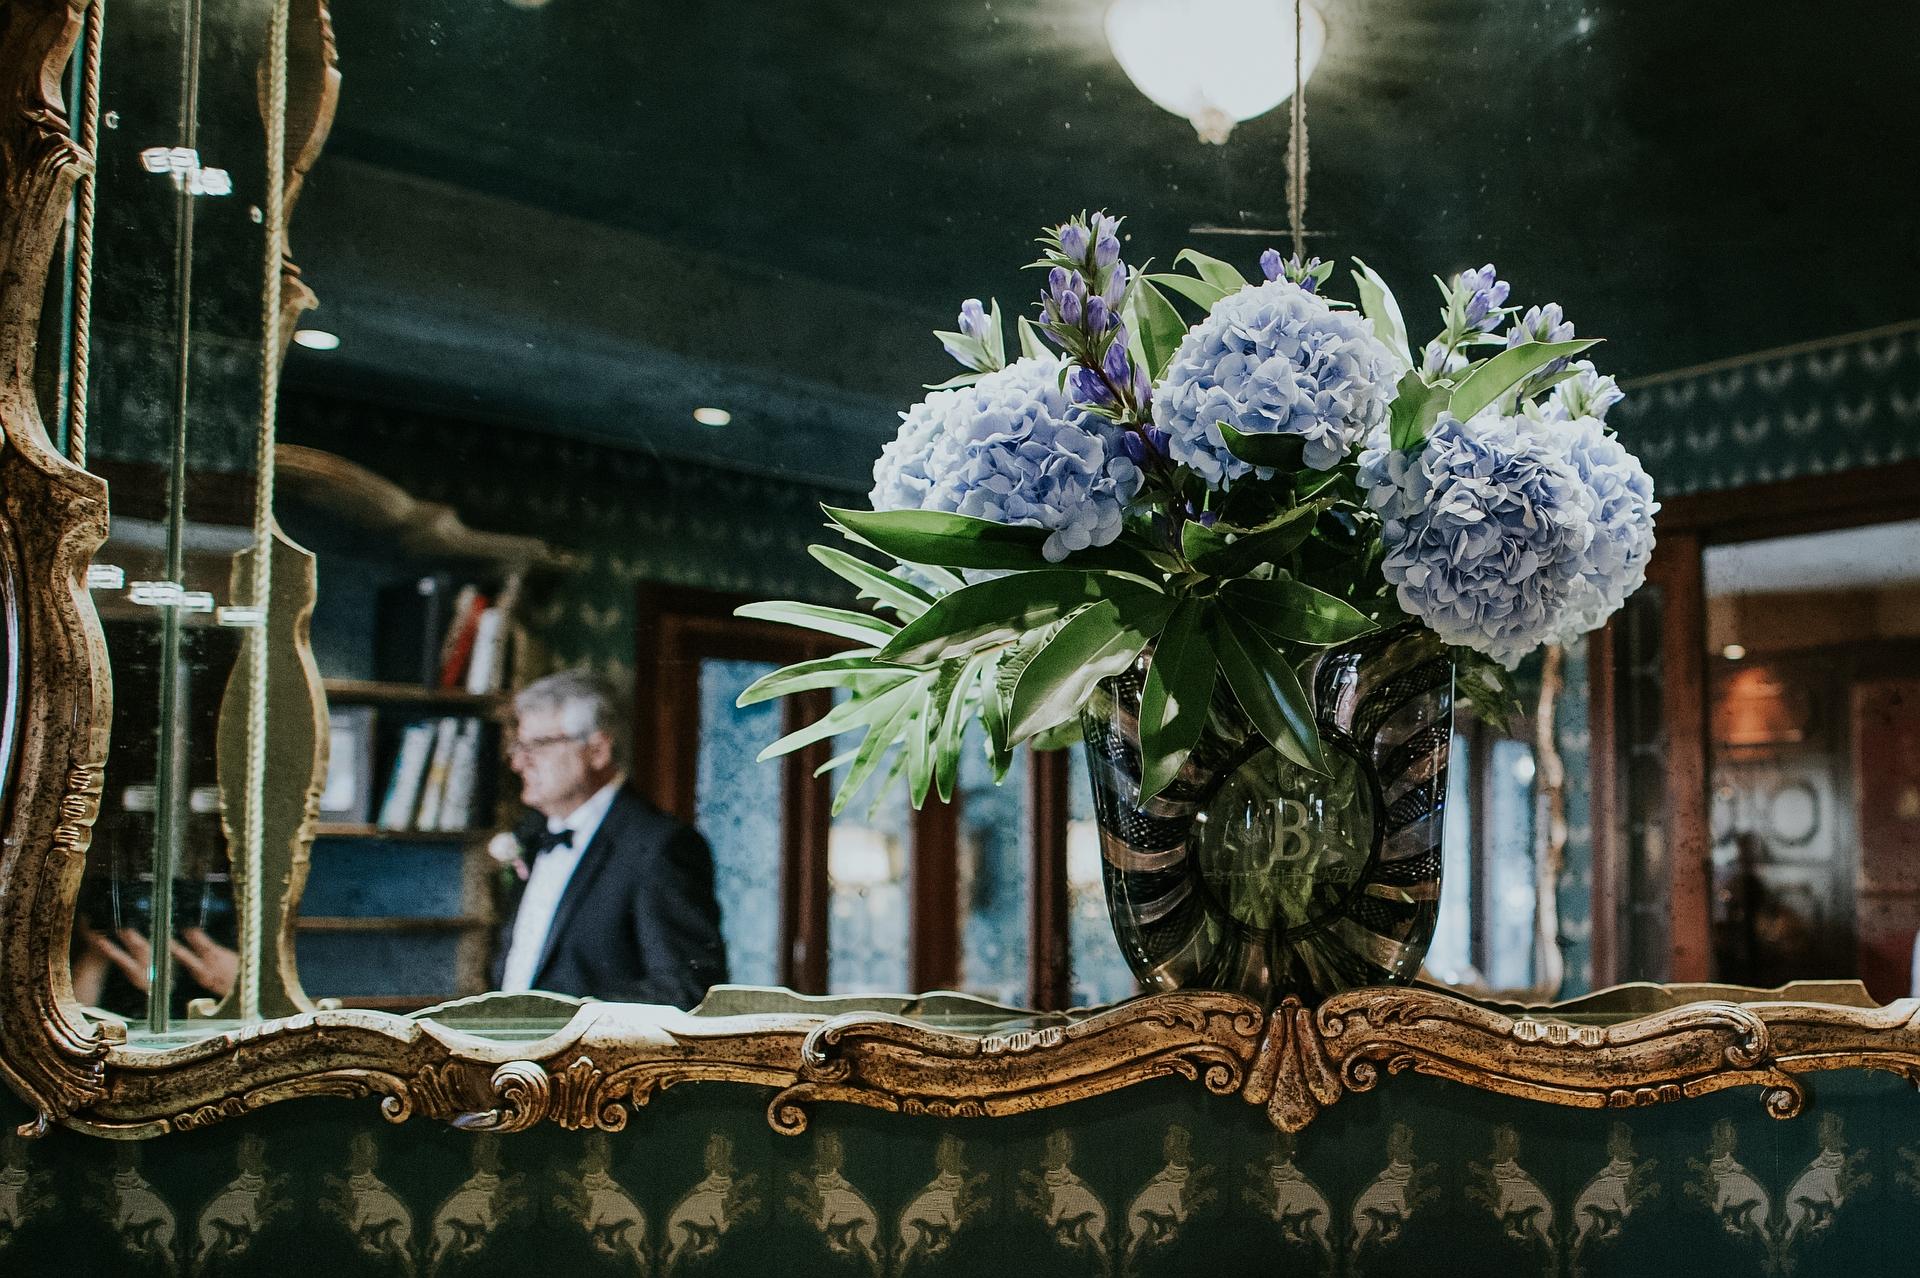 Venetië, Italië Elopement Photography | een weerspiegeling in de gangspiegel